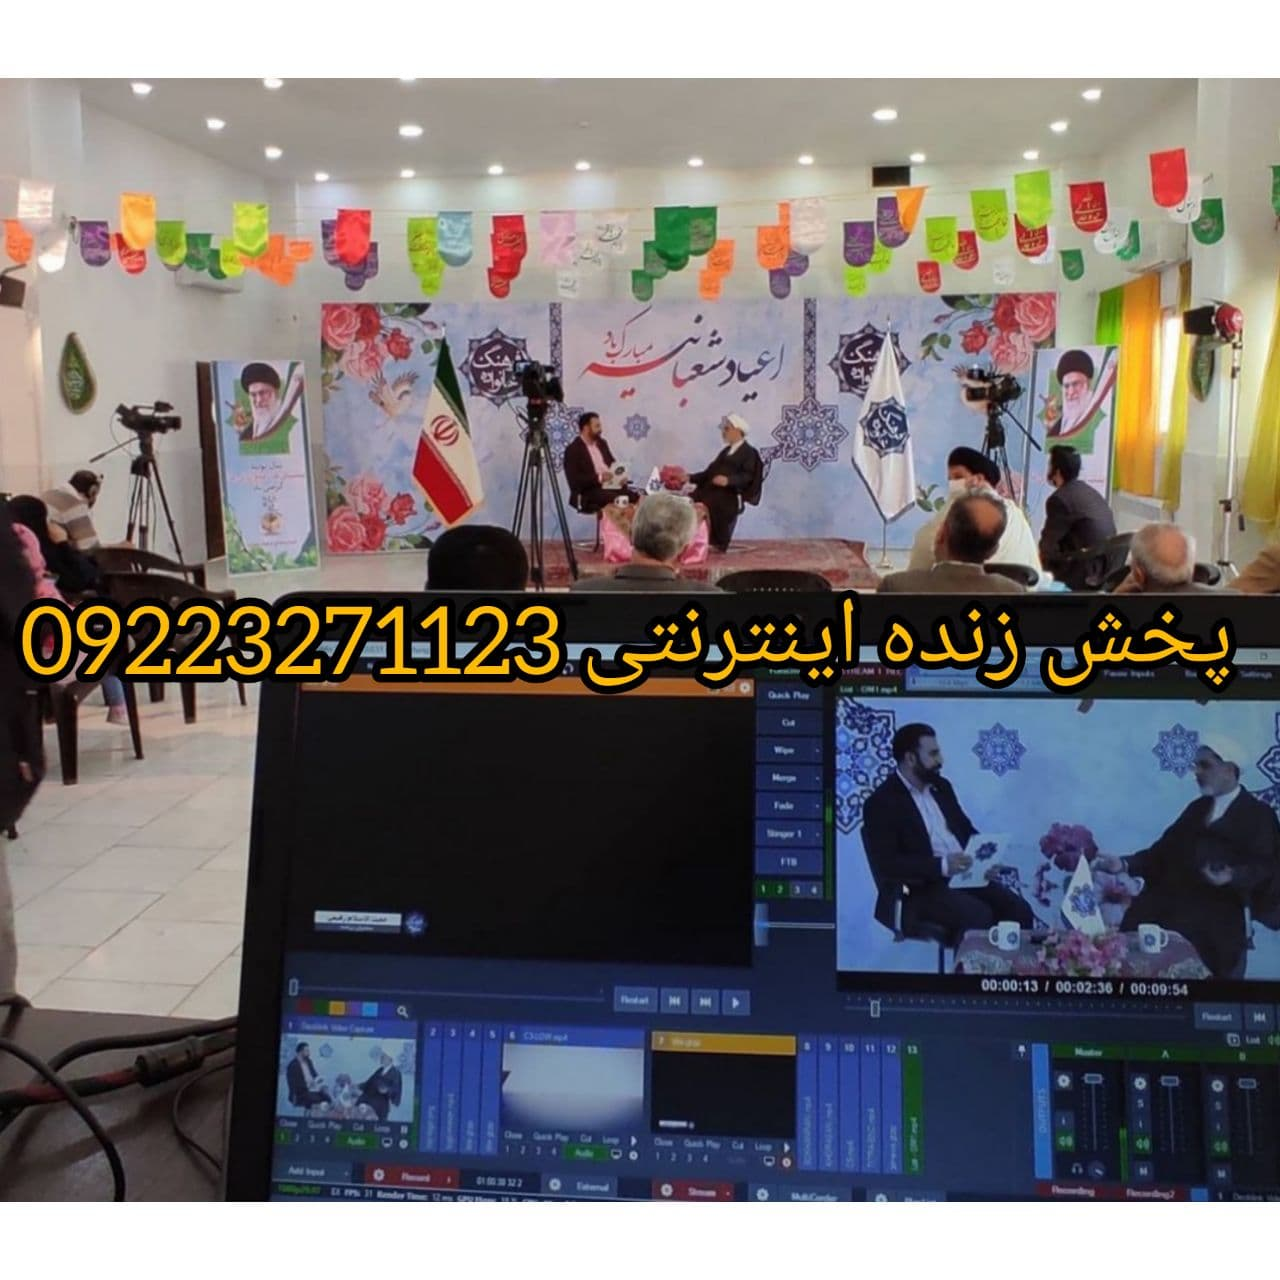 پخش زنده بهمراه فیلمبرداری و صدابرداری حرفه ای 09223271123